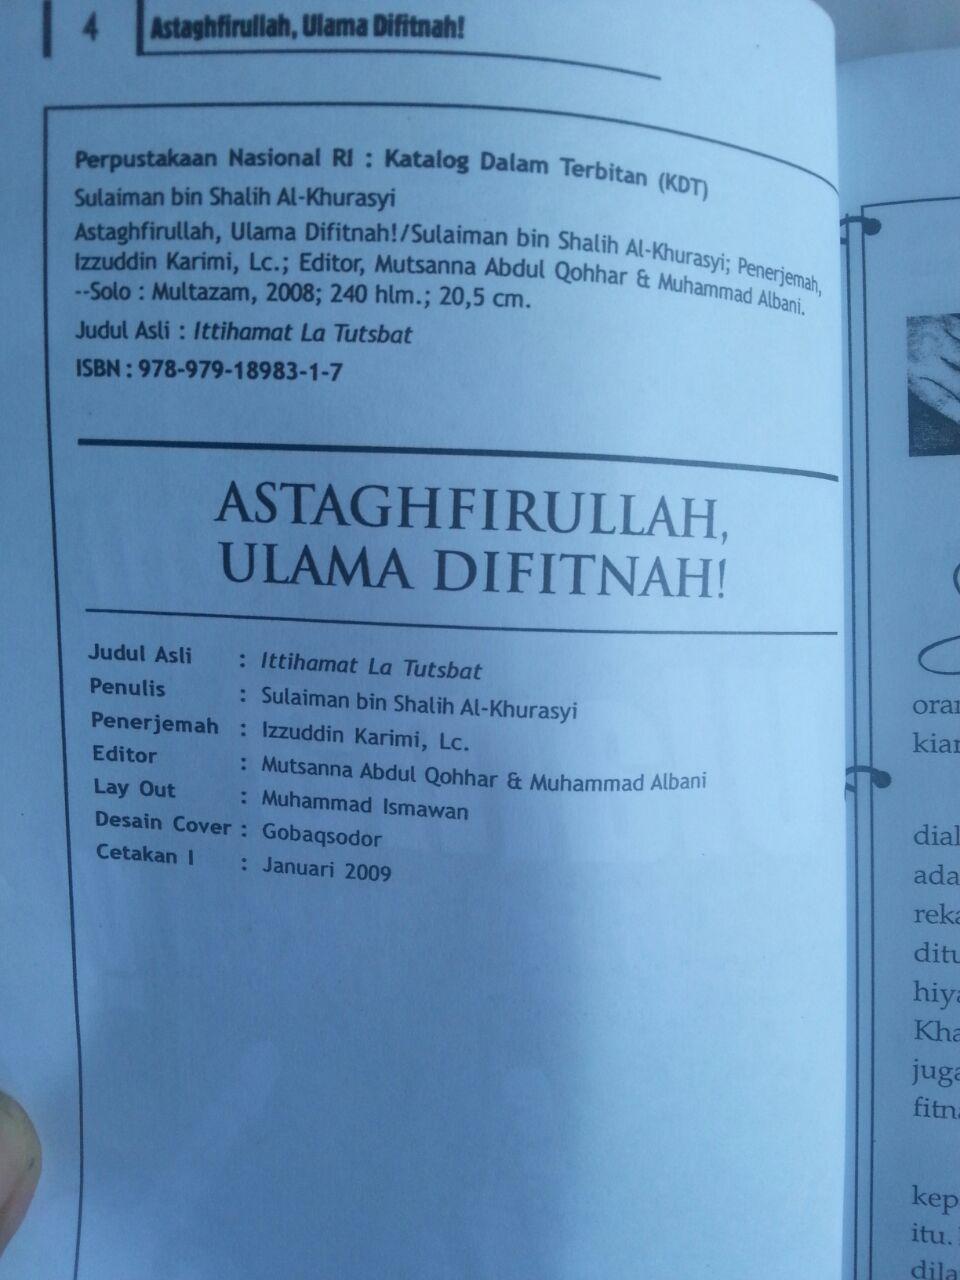 Buku Astaghfirullah Ulama Difitnah isi 2